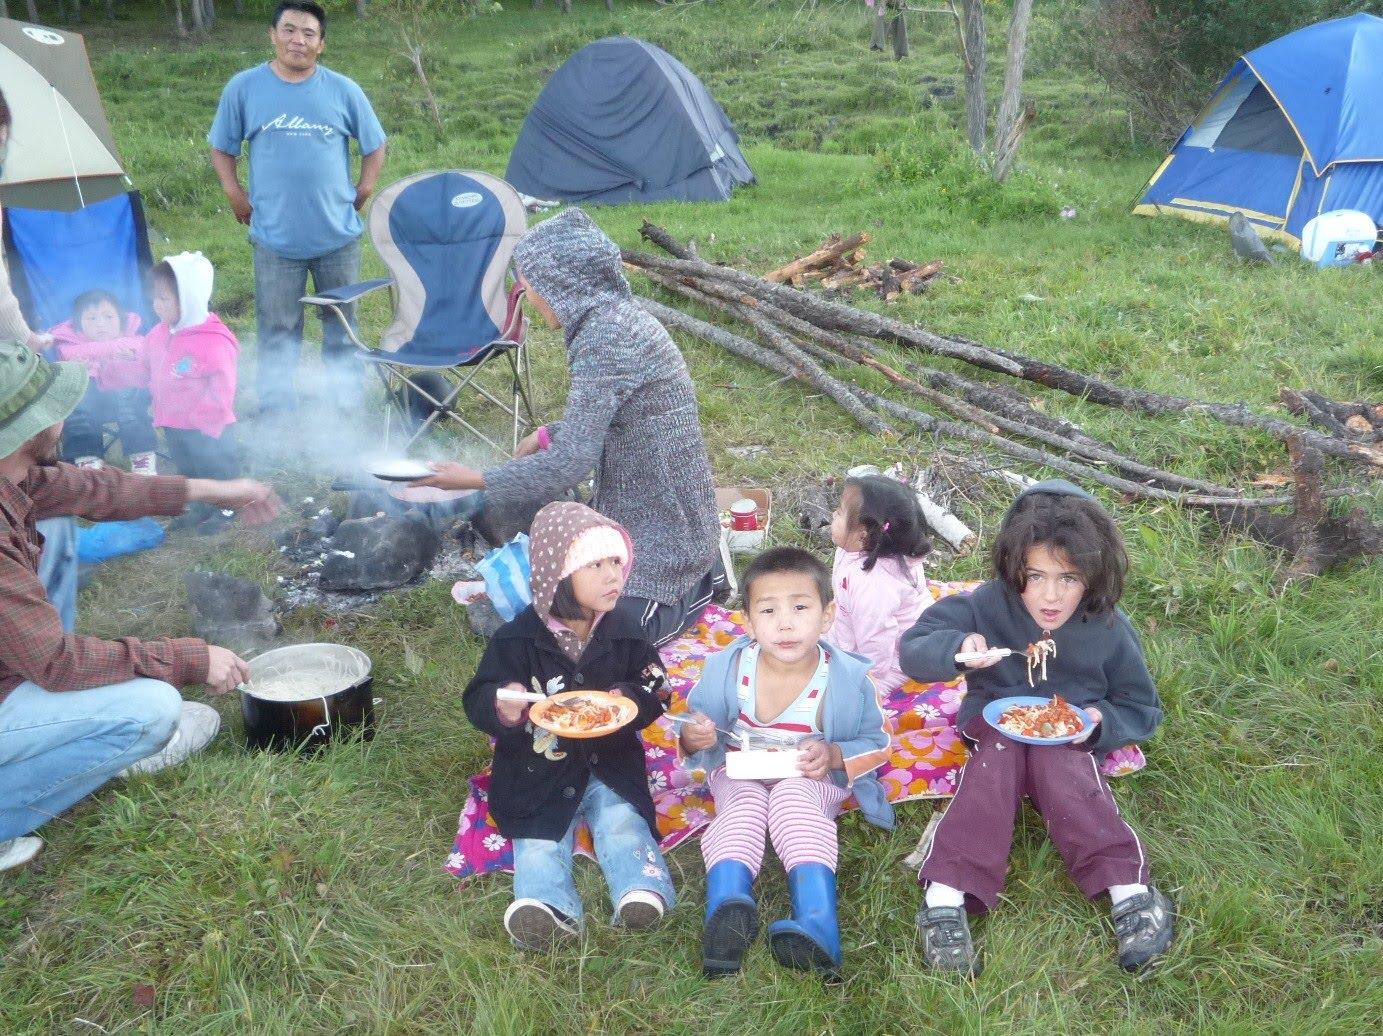 dinner-at-camping.jpg